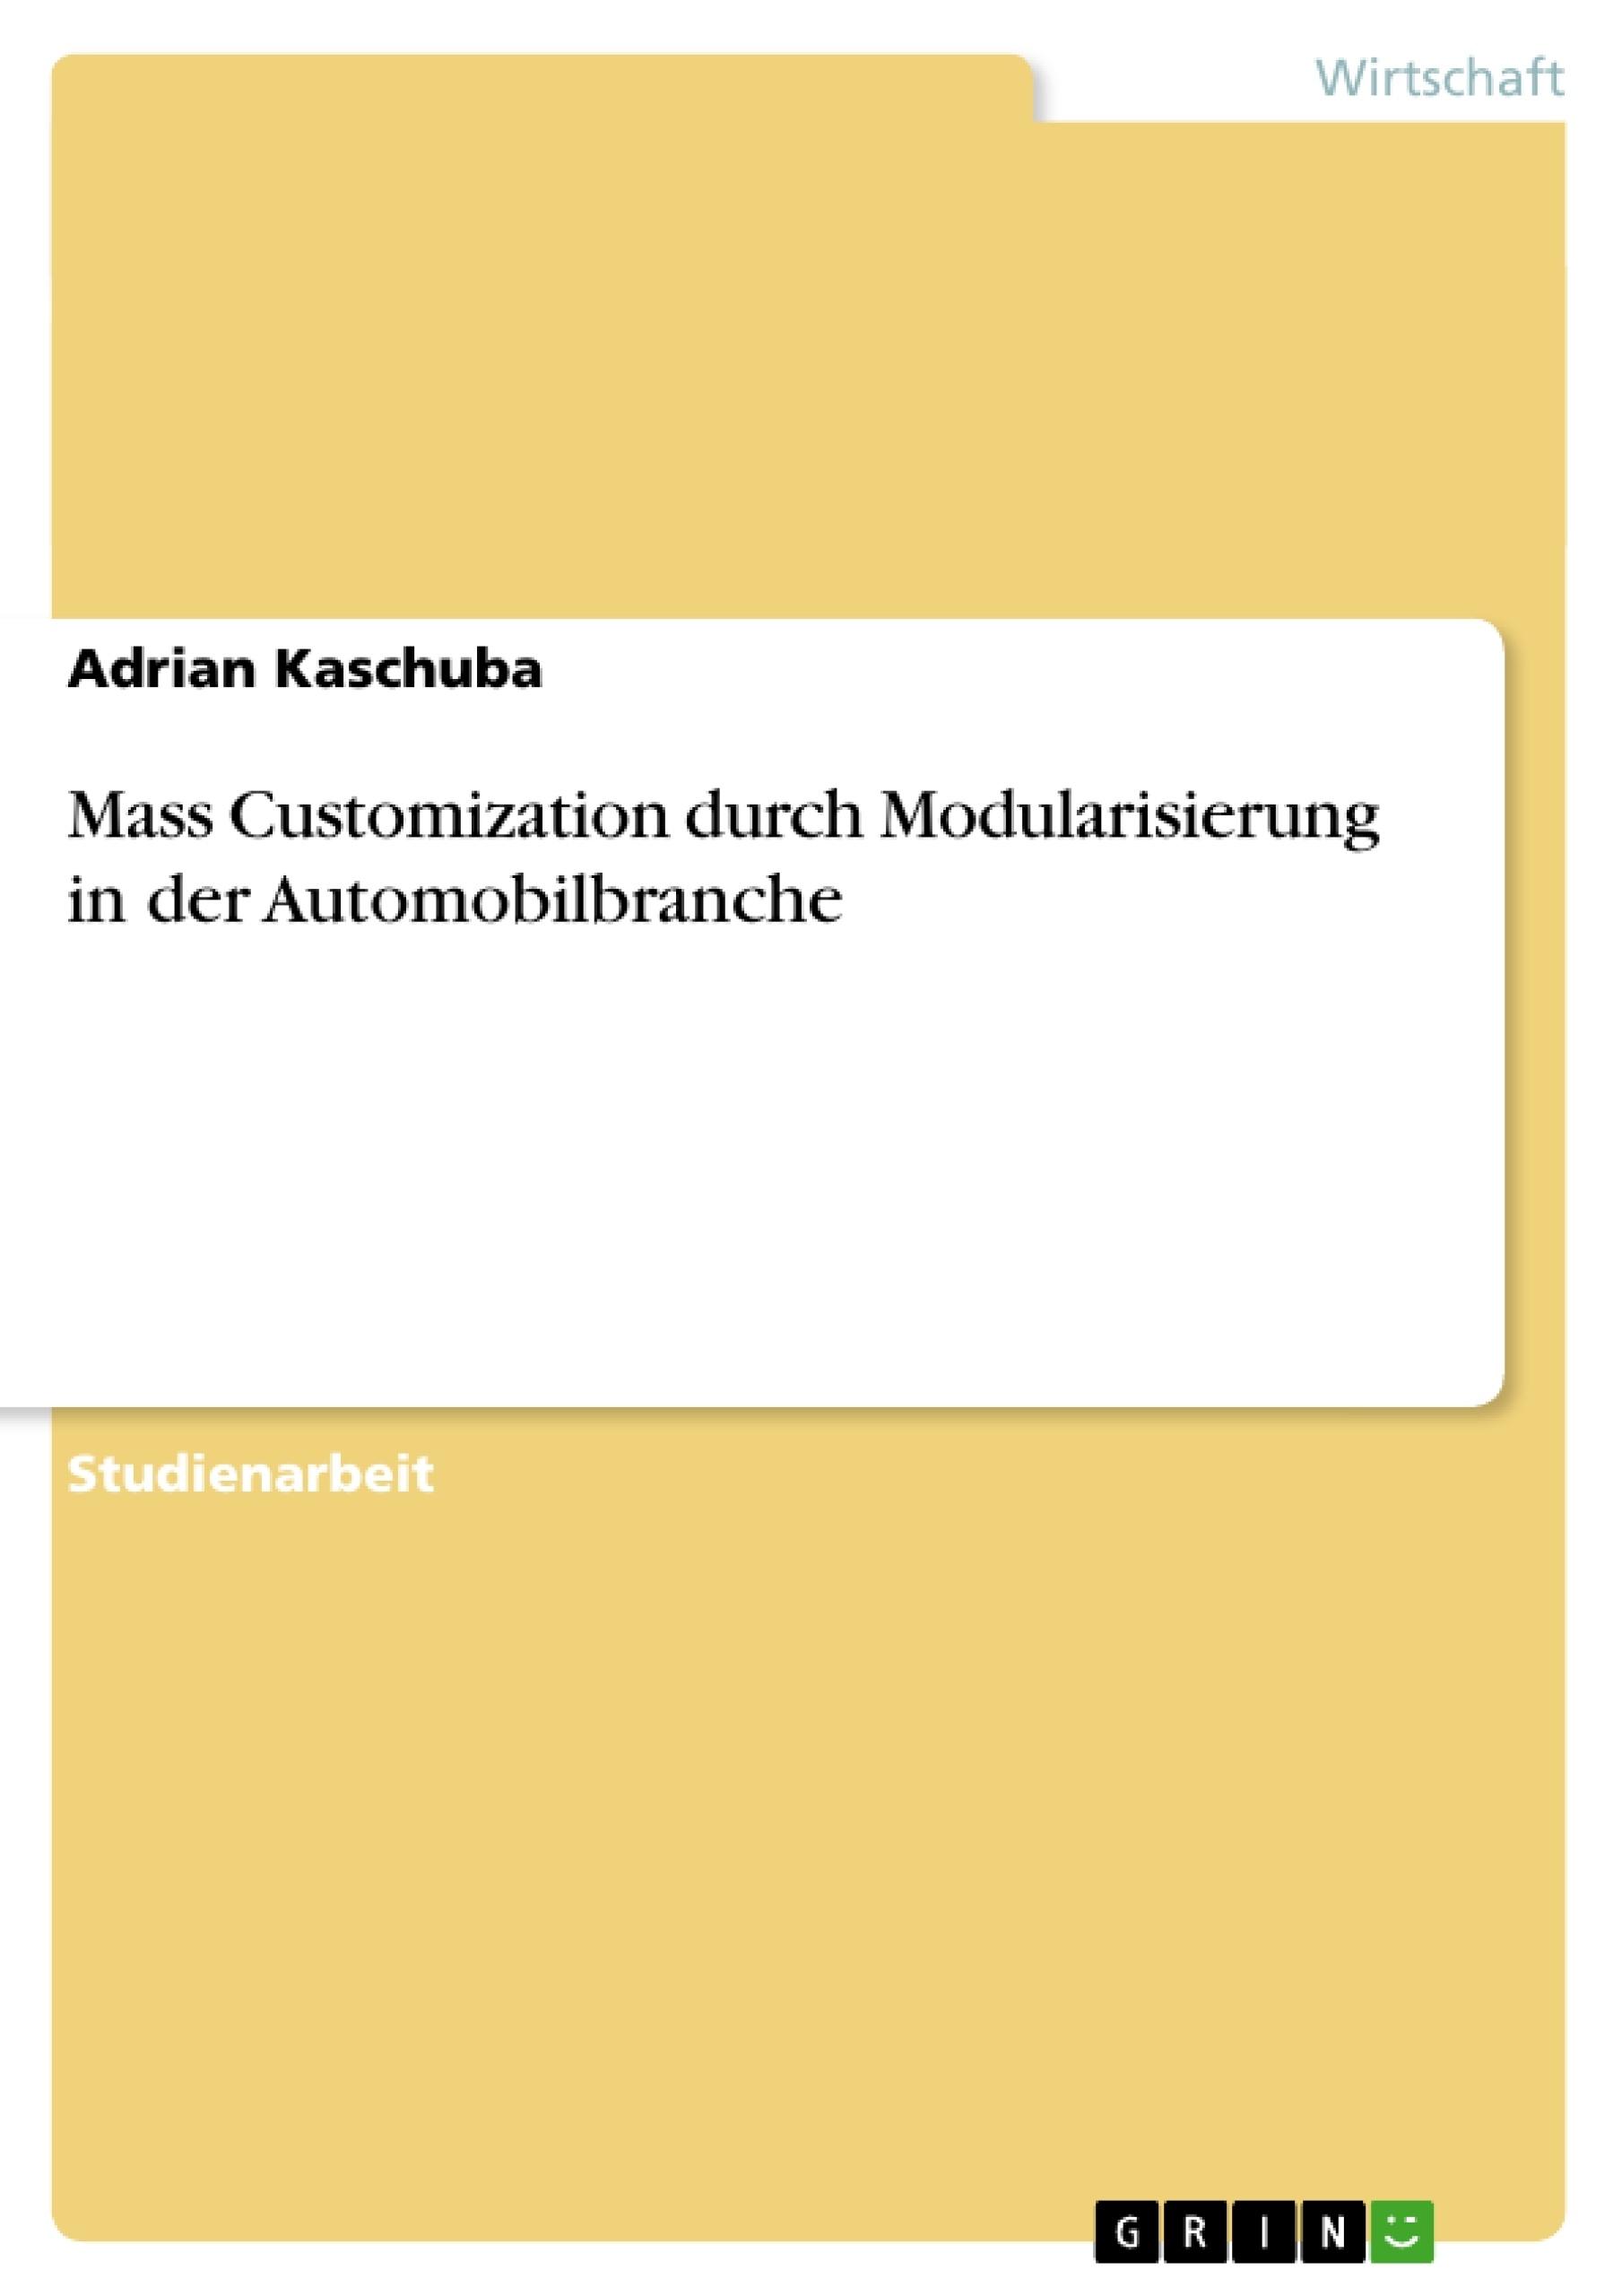 Titel: Mass Customization durch Modularisierung in der Automobilbranche